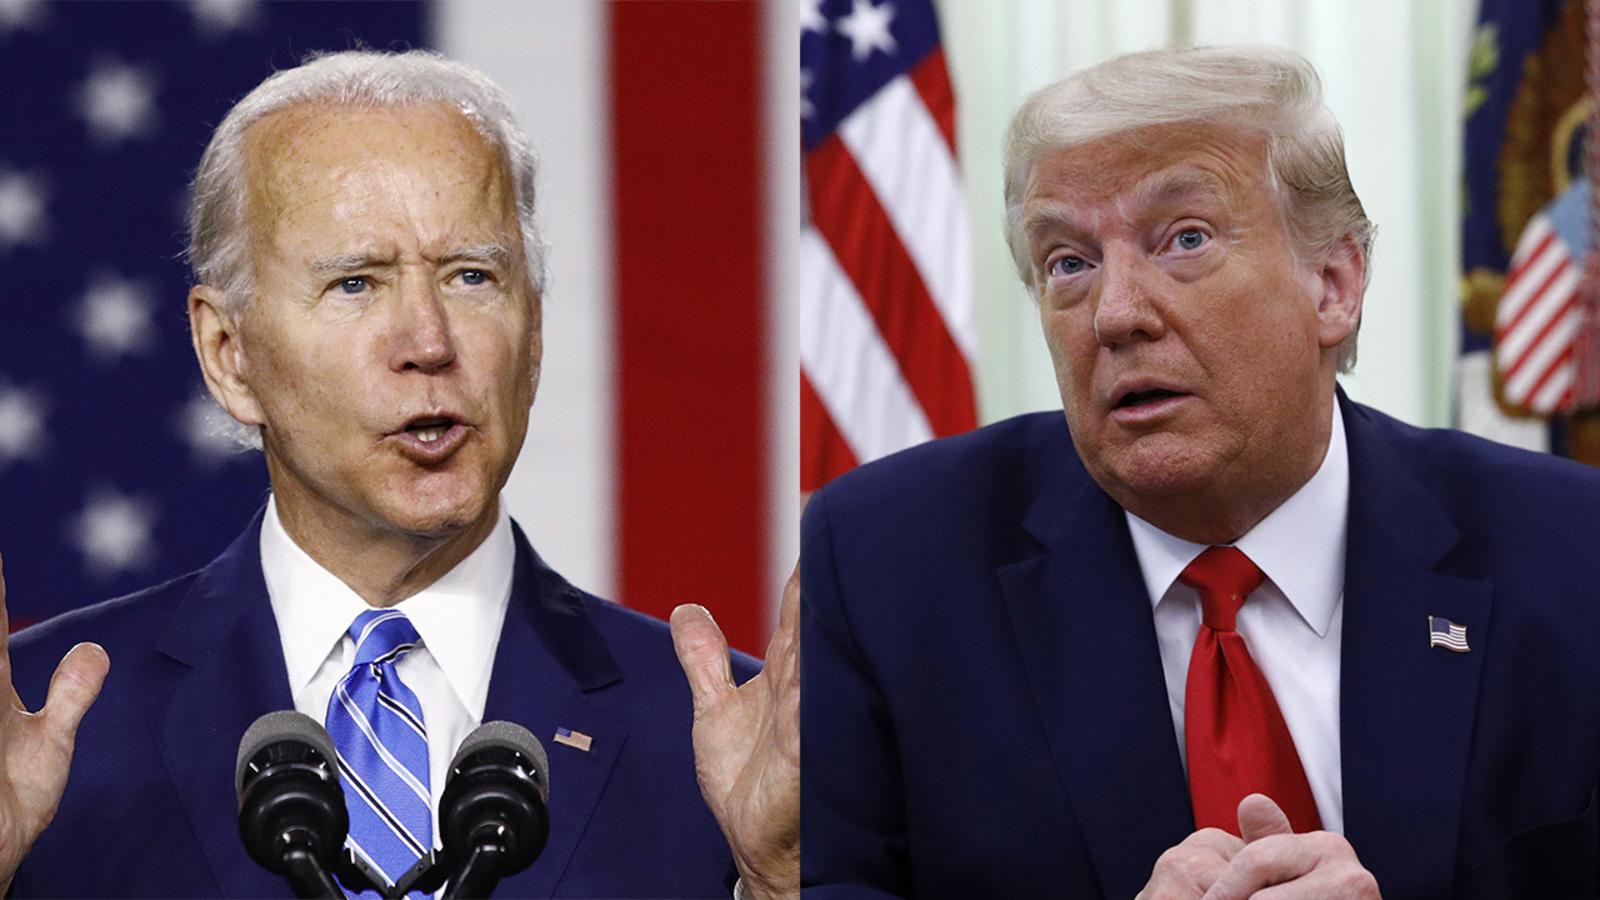 2020美国大选,人们到底争论什么?